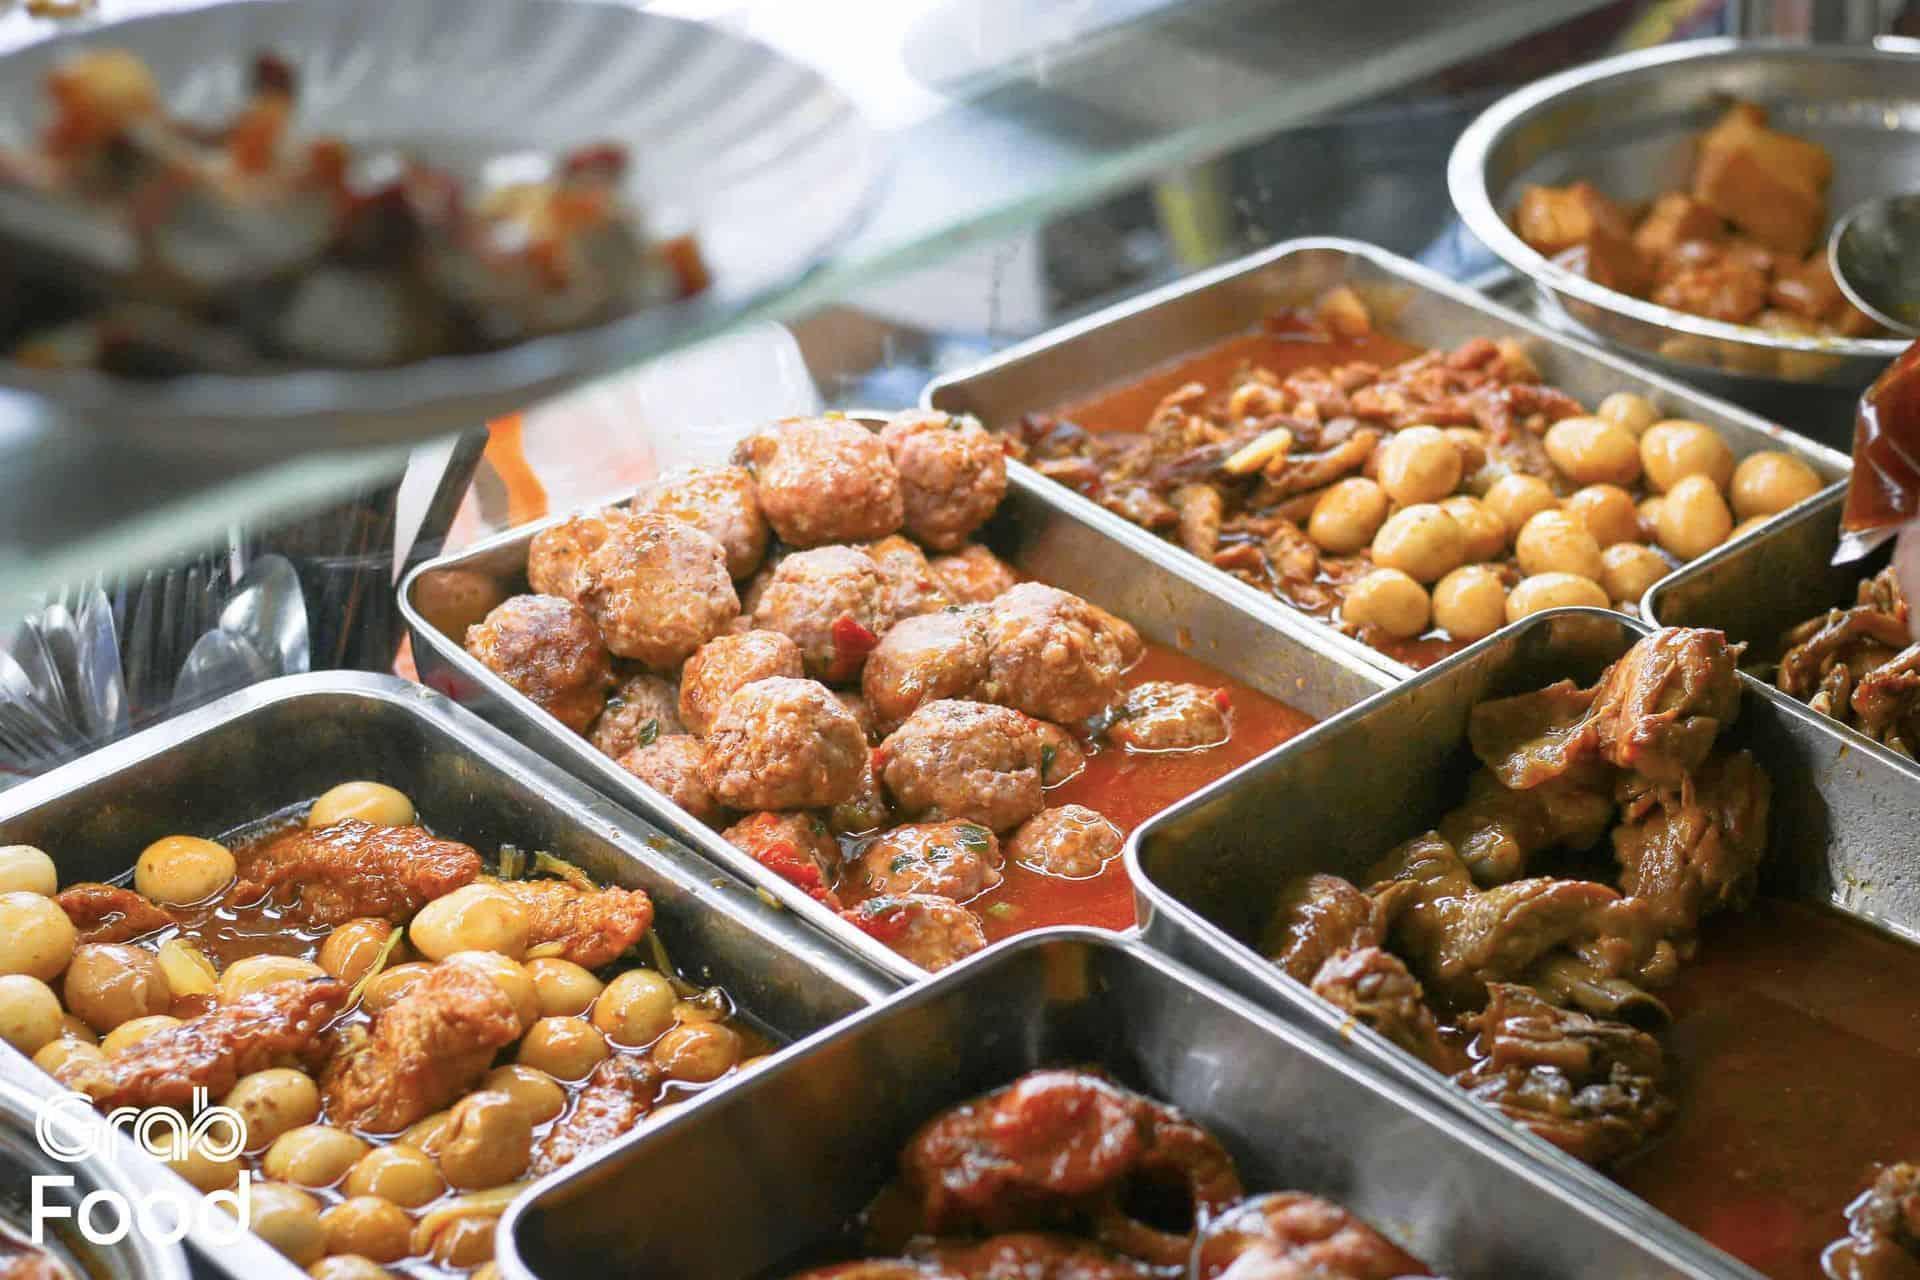 TPHCM] Quán Ăn Trưa Bình Dân Hơn 25 Món Chuẩn Cơm Mẹ Nấu | Grab VN